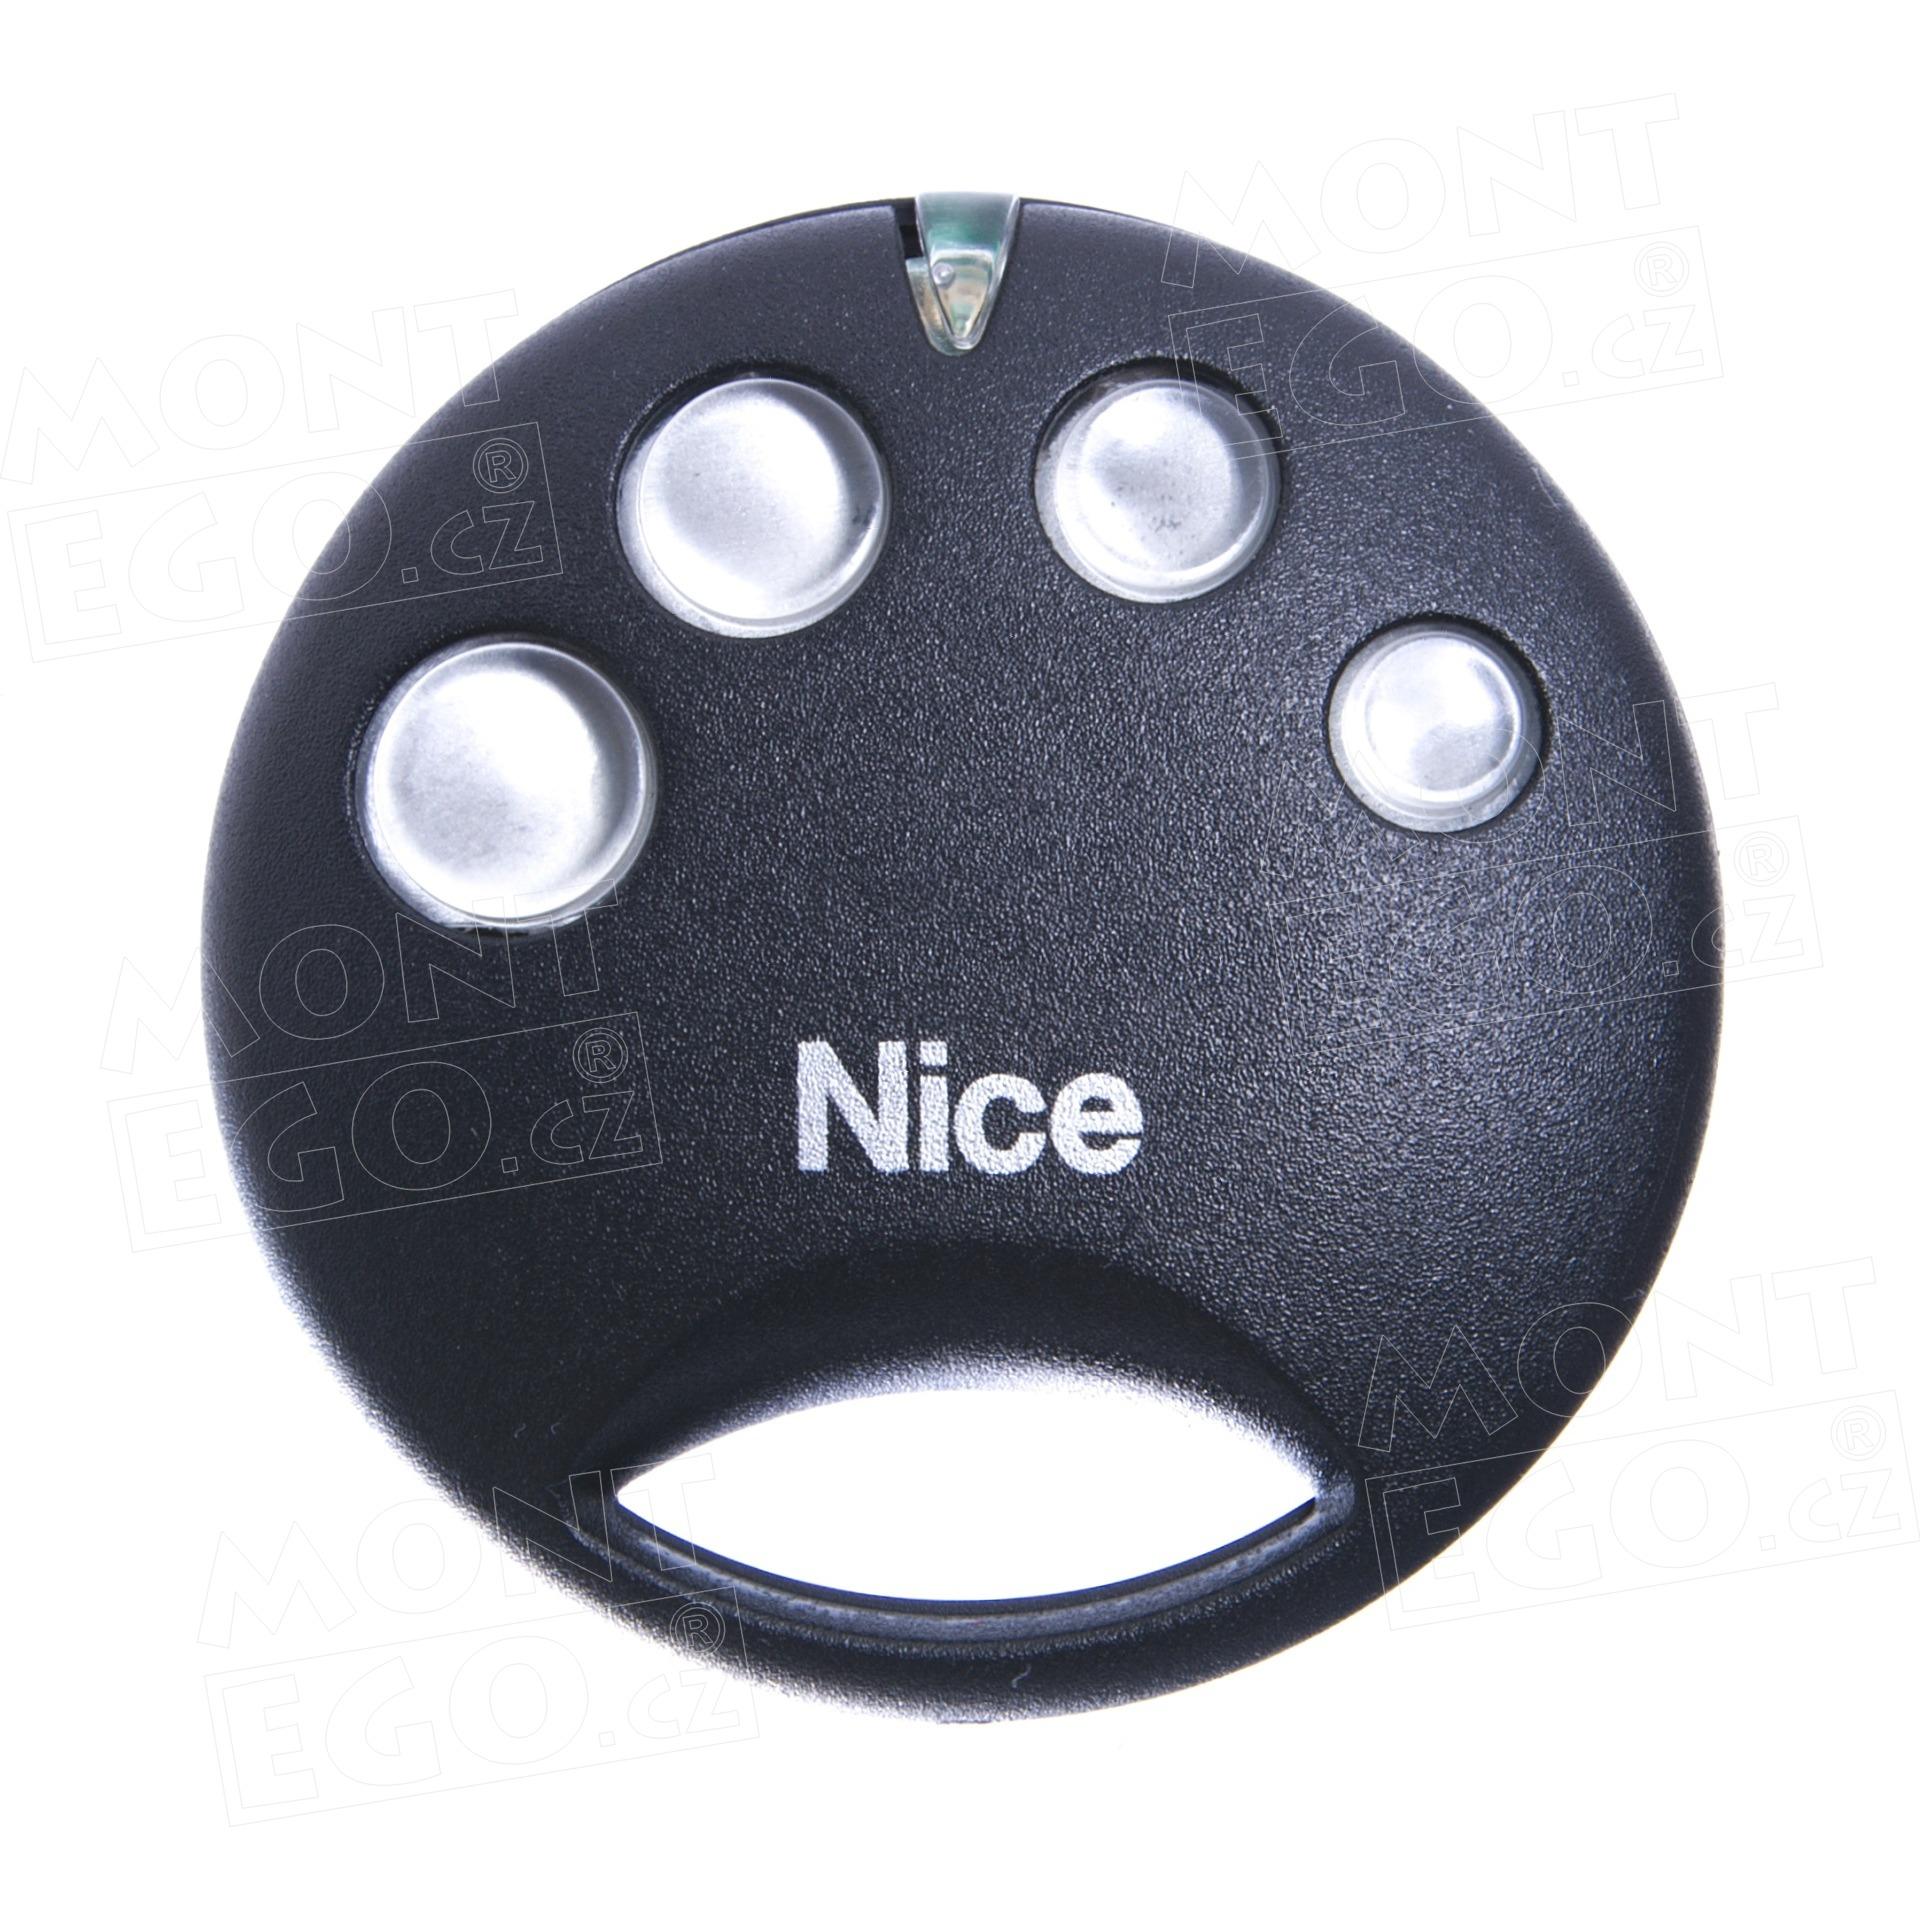 dálkový ovladač SM4 dálkového ovladání Nice Smilo